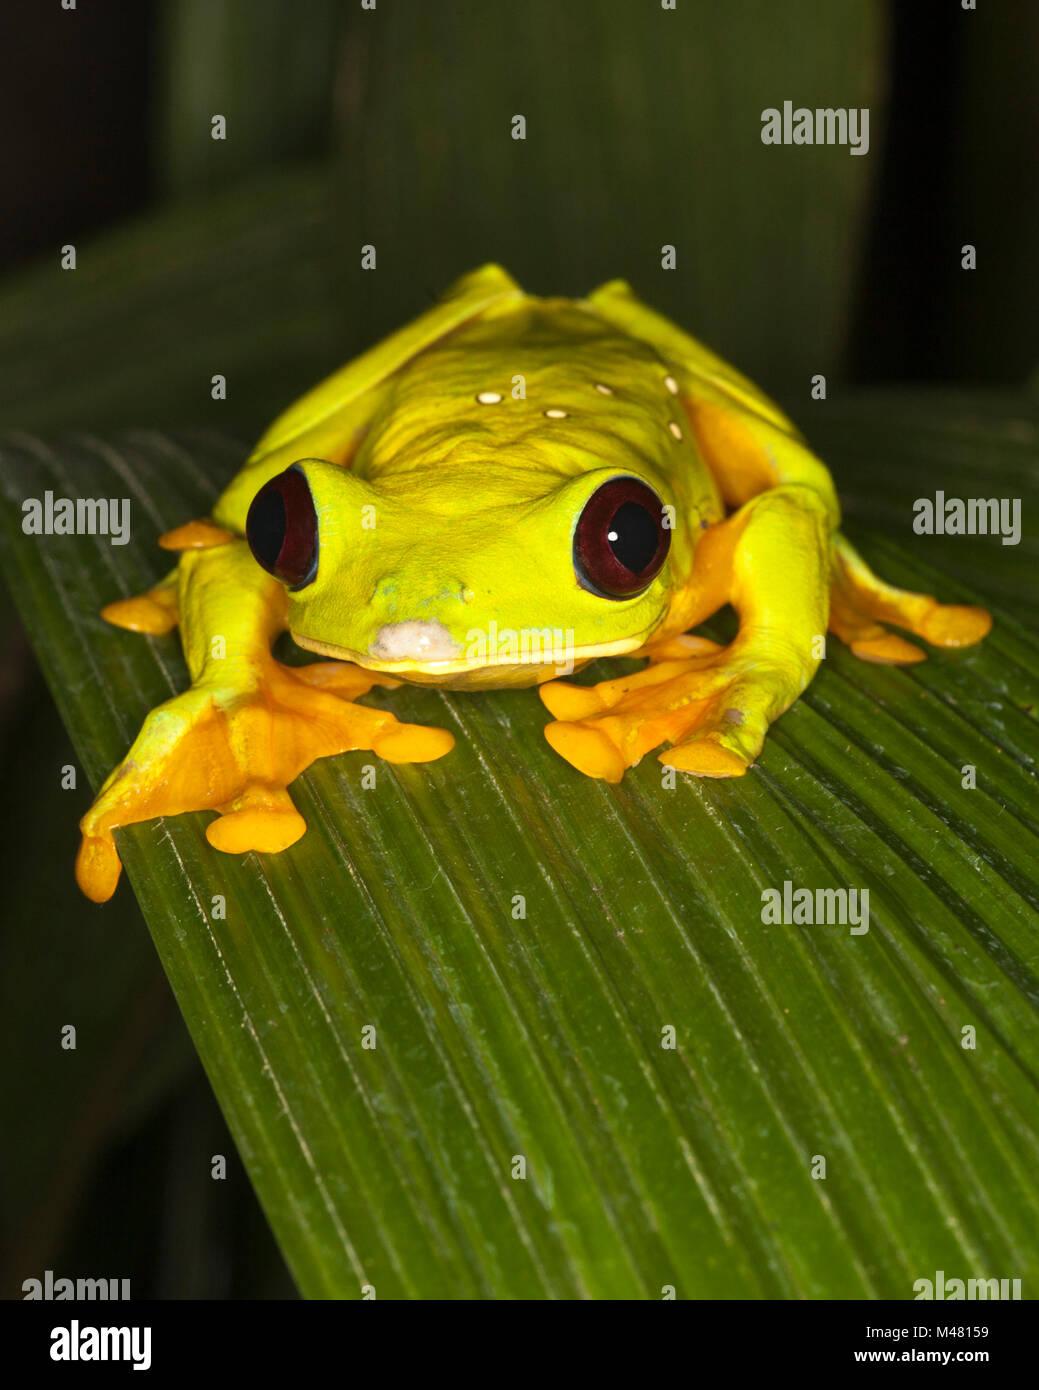 Gliding Treefrog, also known as Flying Leaf Frog or Spurrell's leaf frog (Agalychnis spurrelli) on leaf Stock Photo